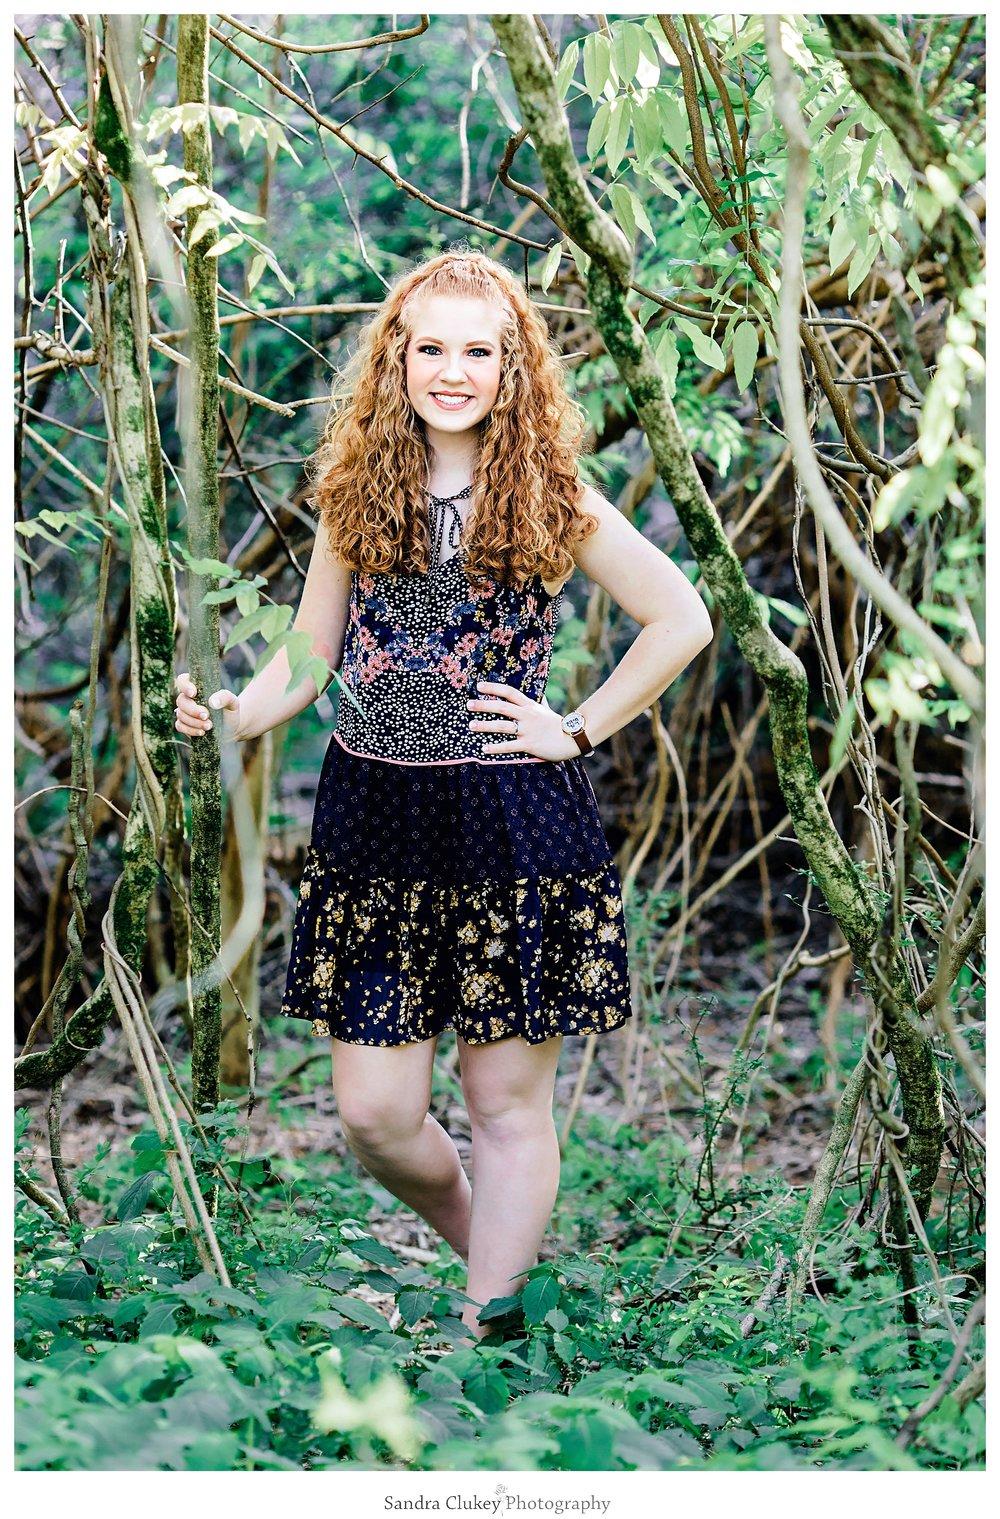 Sandra Clukey Photography_1363.jpg